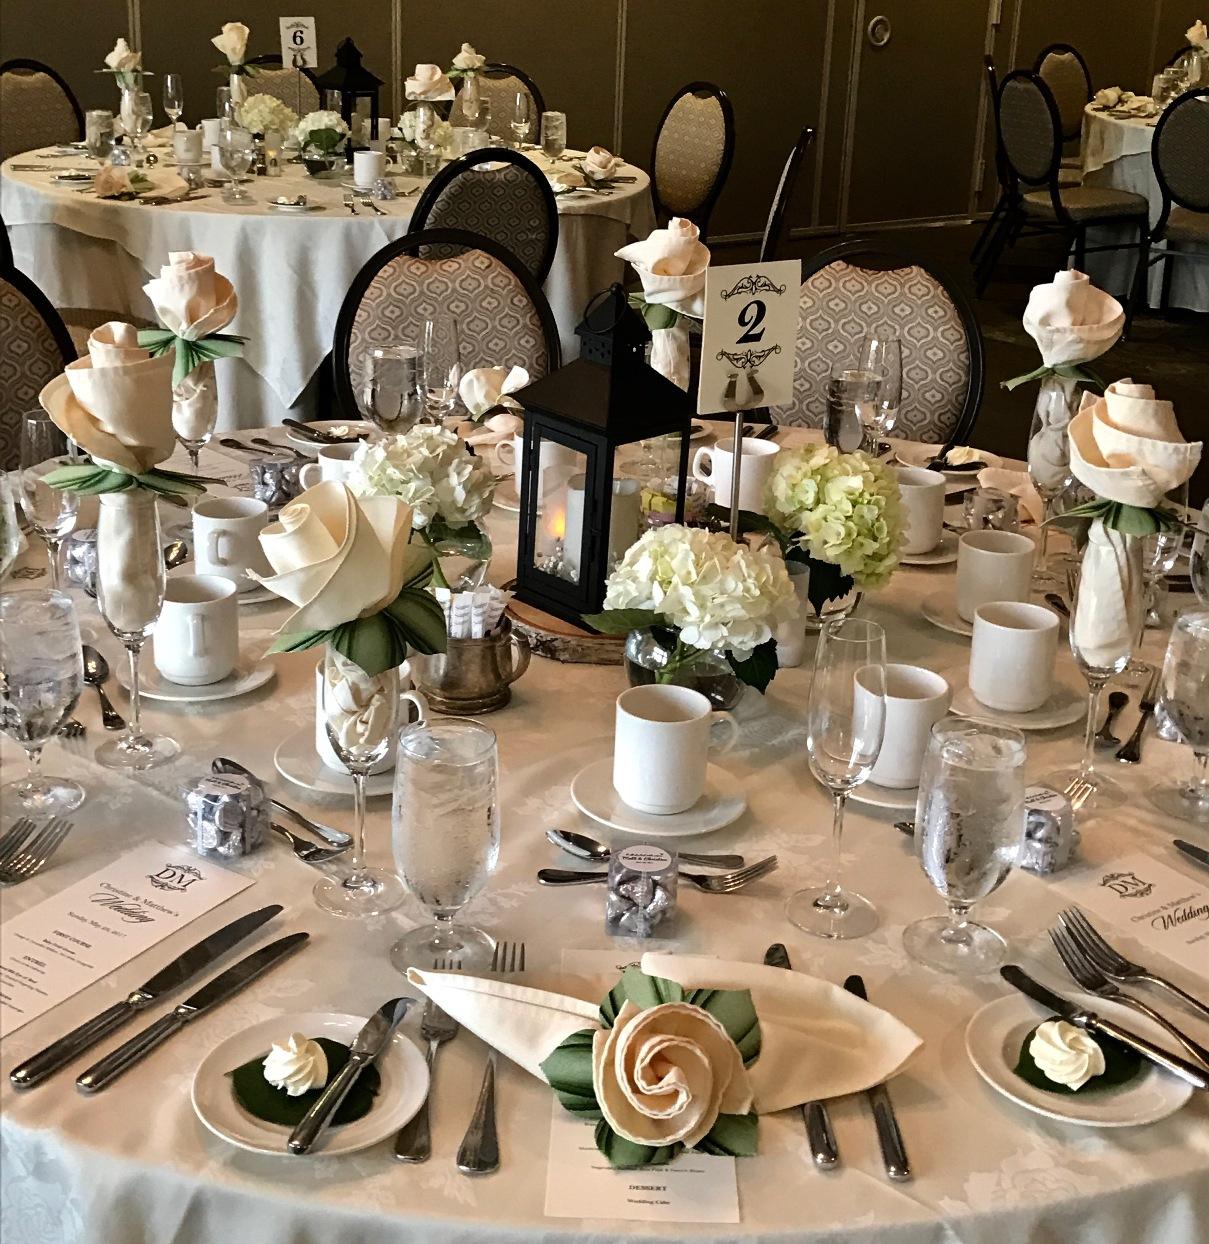 carole-shiber-botanic-wedding-rings-w-napkins.jpeg